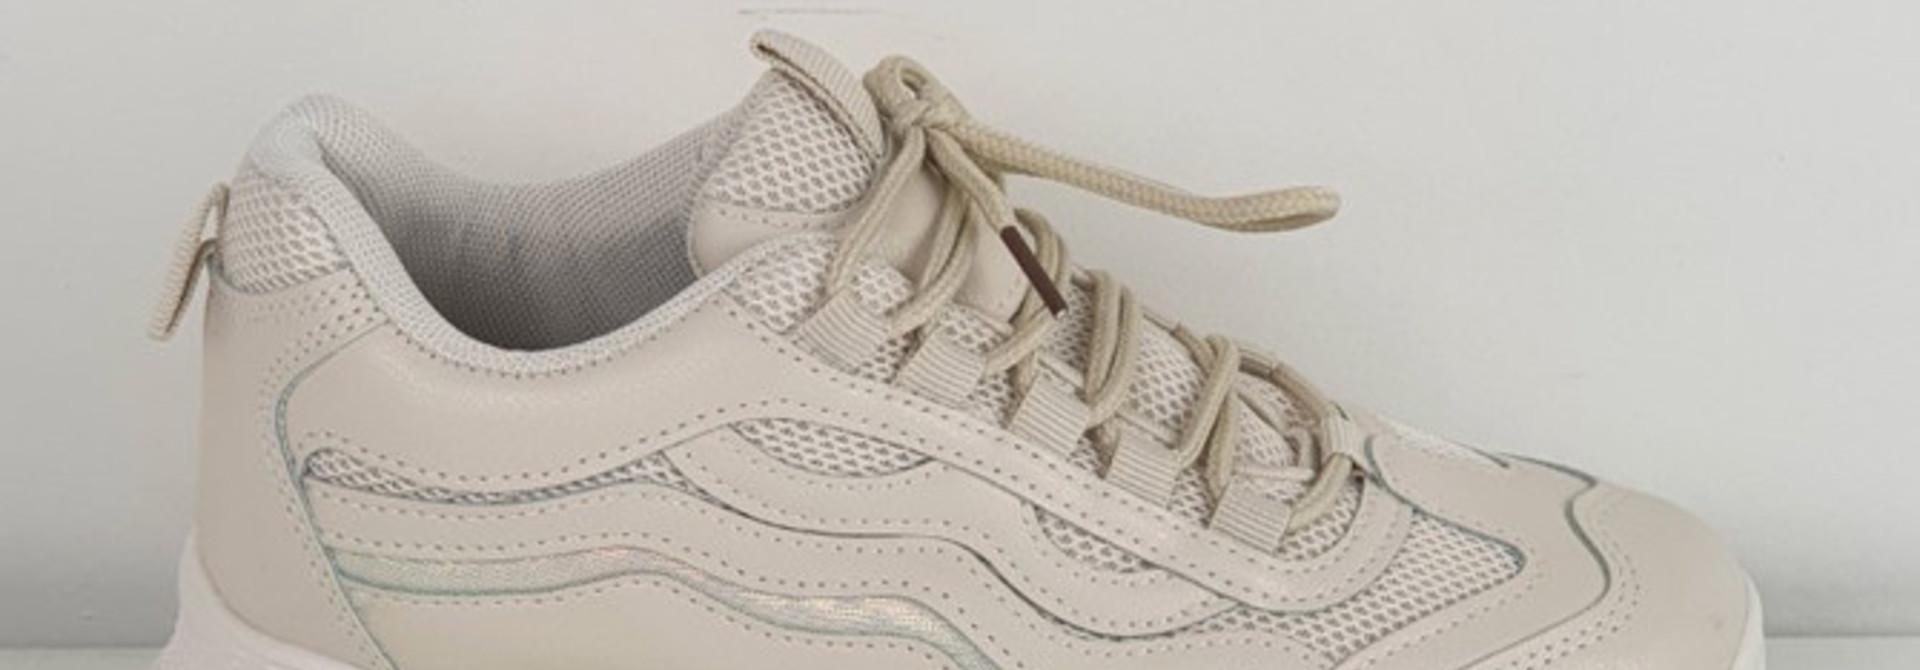 Devon sneakers Beige